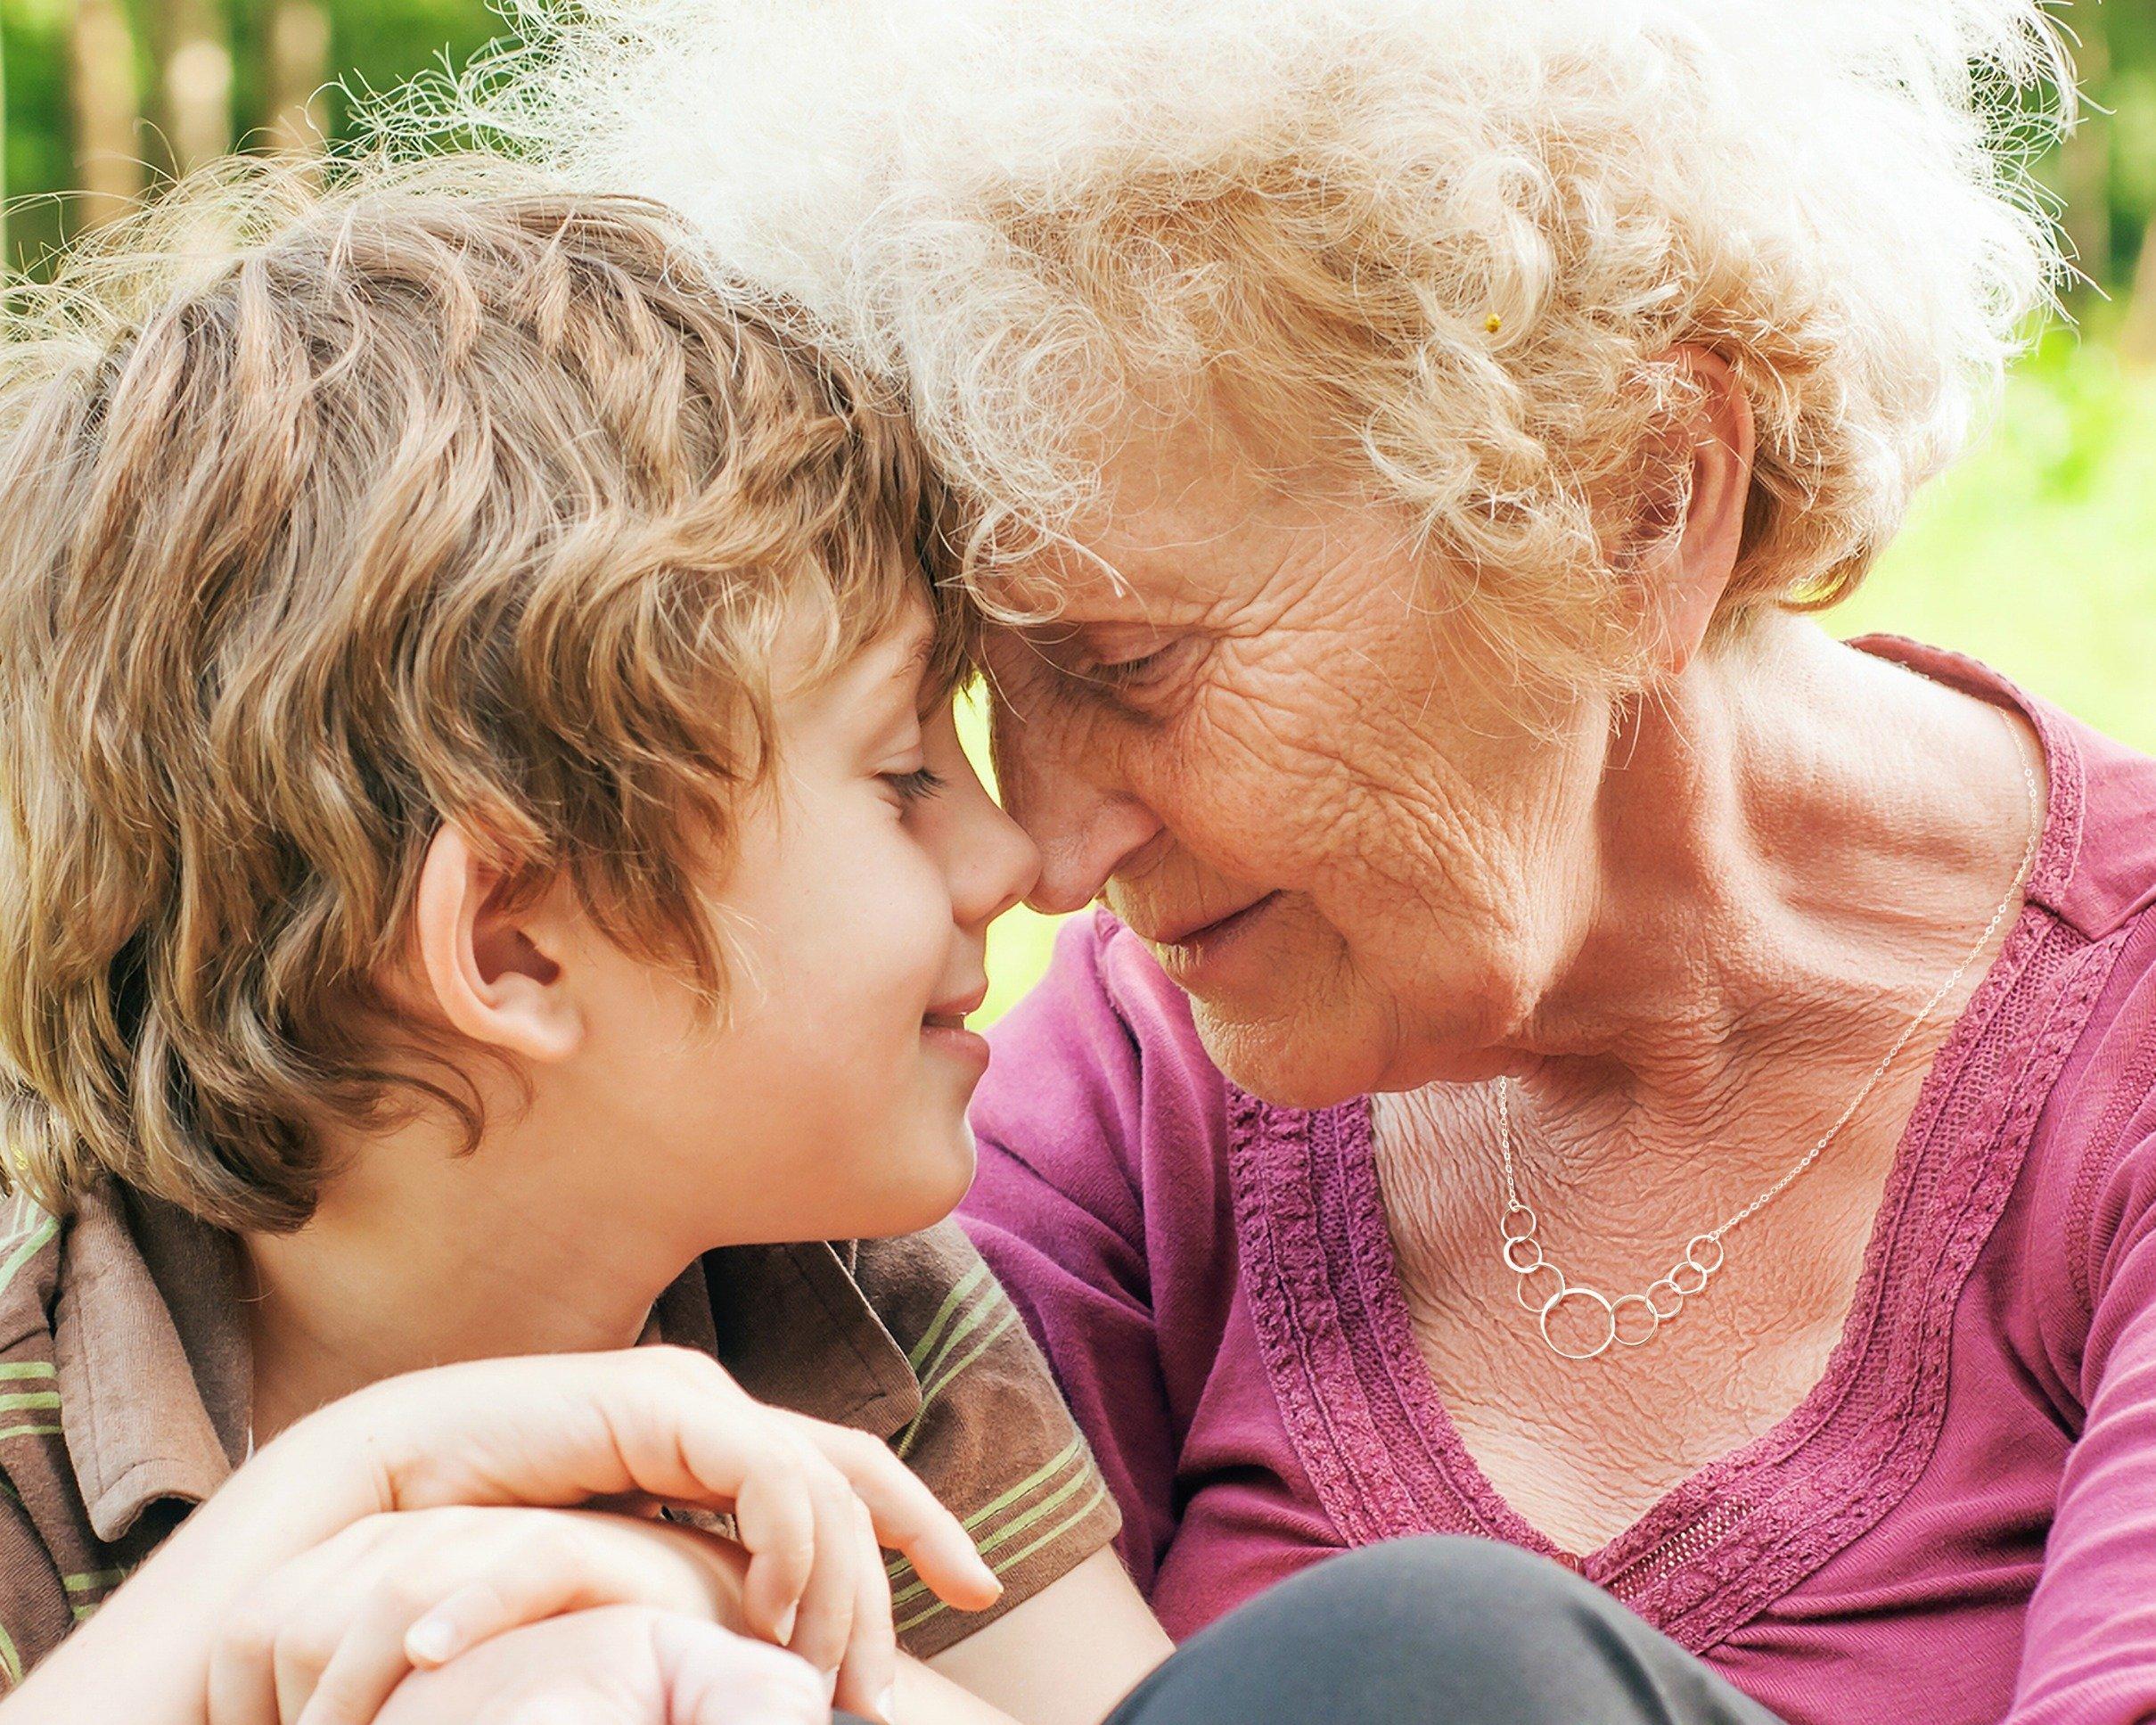 L'amour entre grand-mère et petit-enfant est le meilleur cadeau pour son anniversaire 80 ans